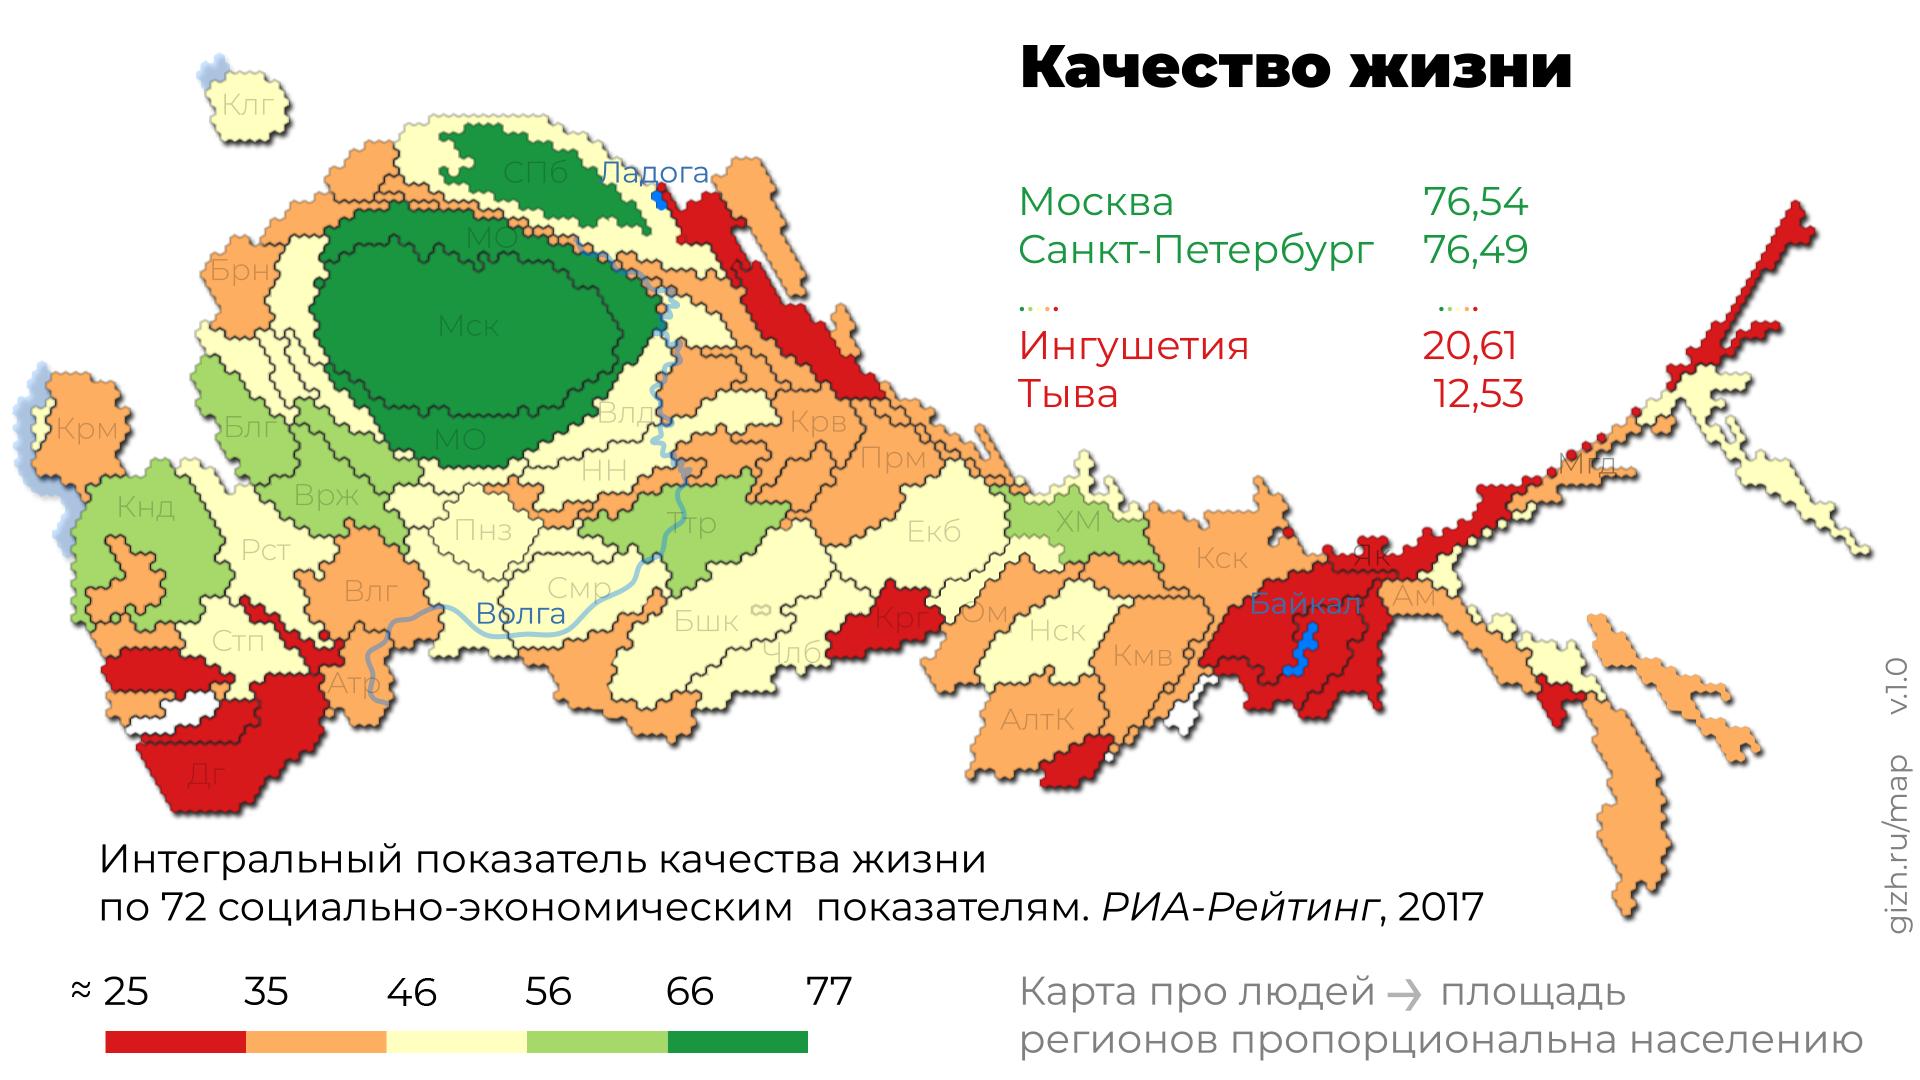 Рейтинг изменения качества жизни по регионам. Карта-анаморфоза